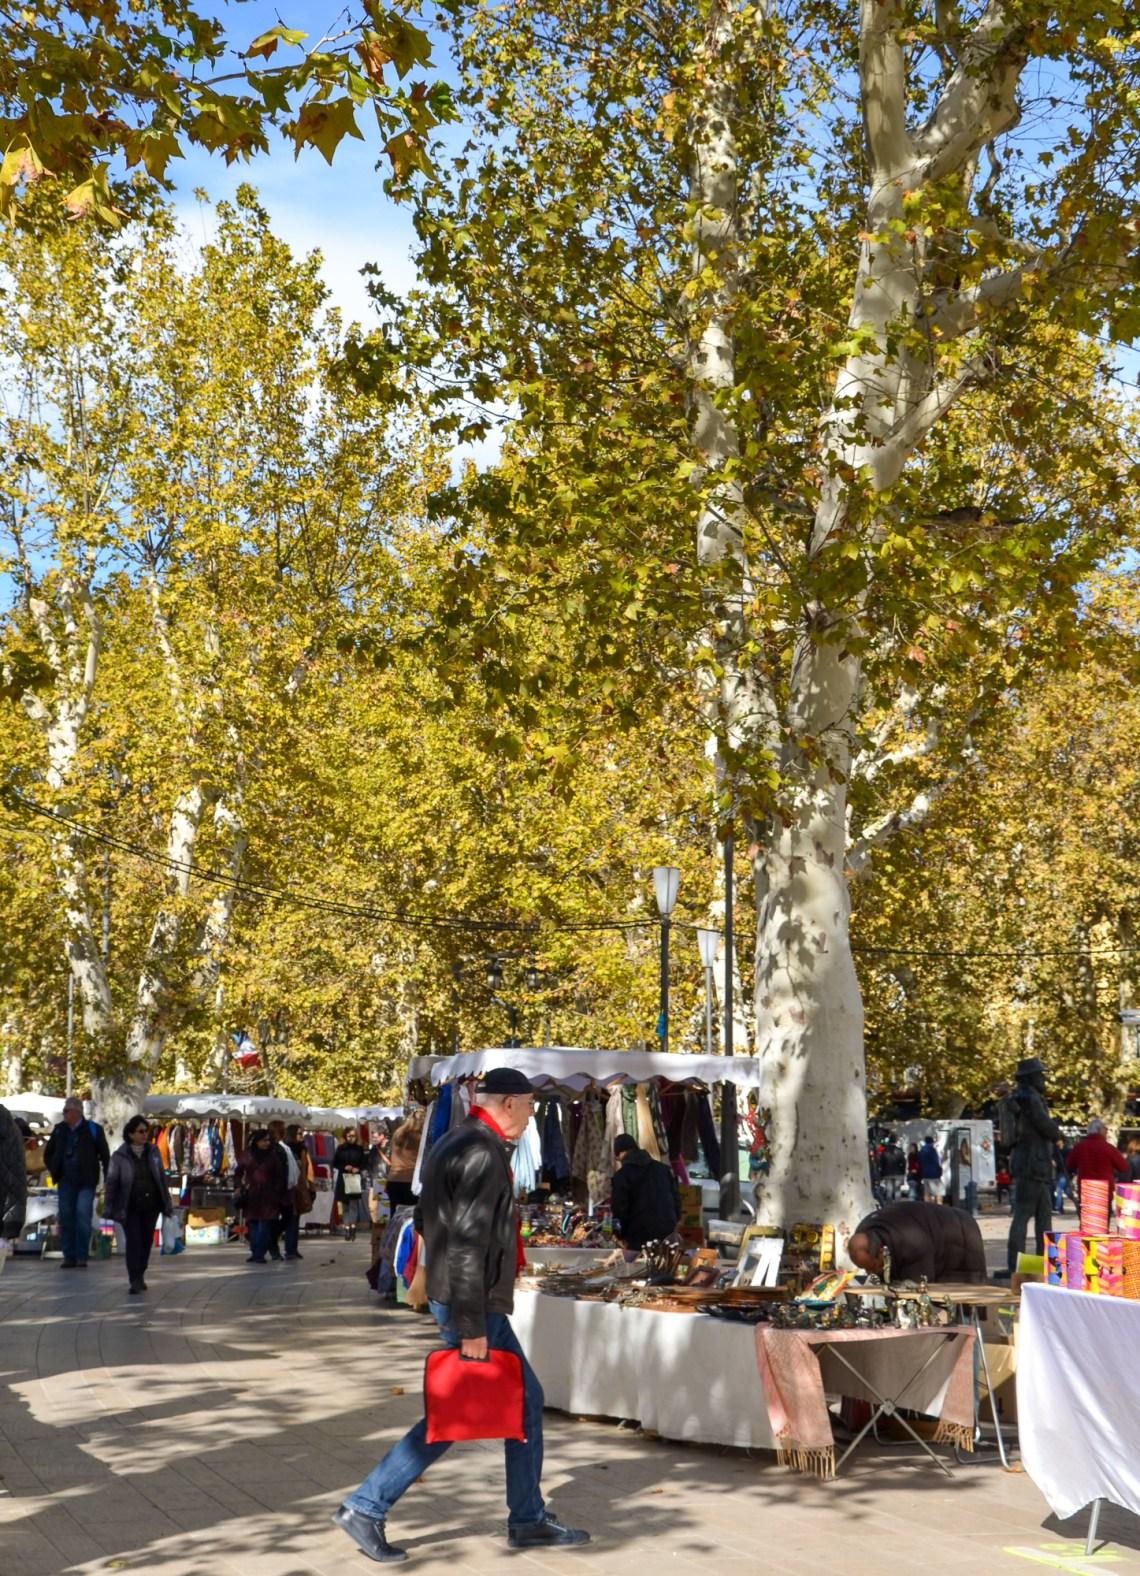 mercados de rua - aix en provence - frança - provence